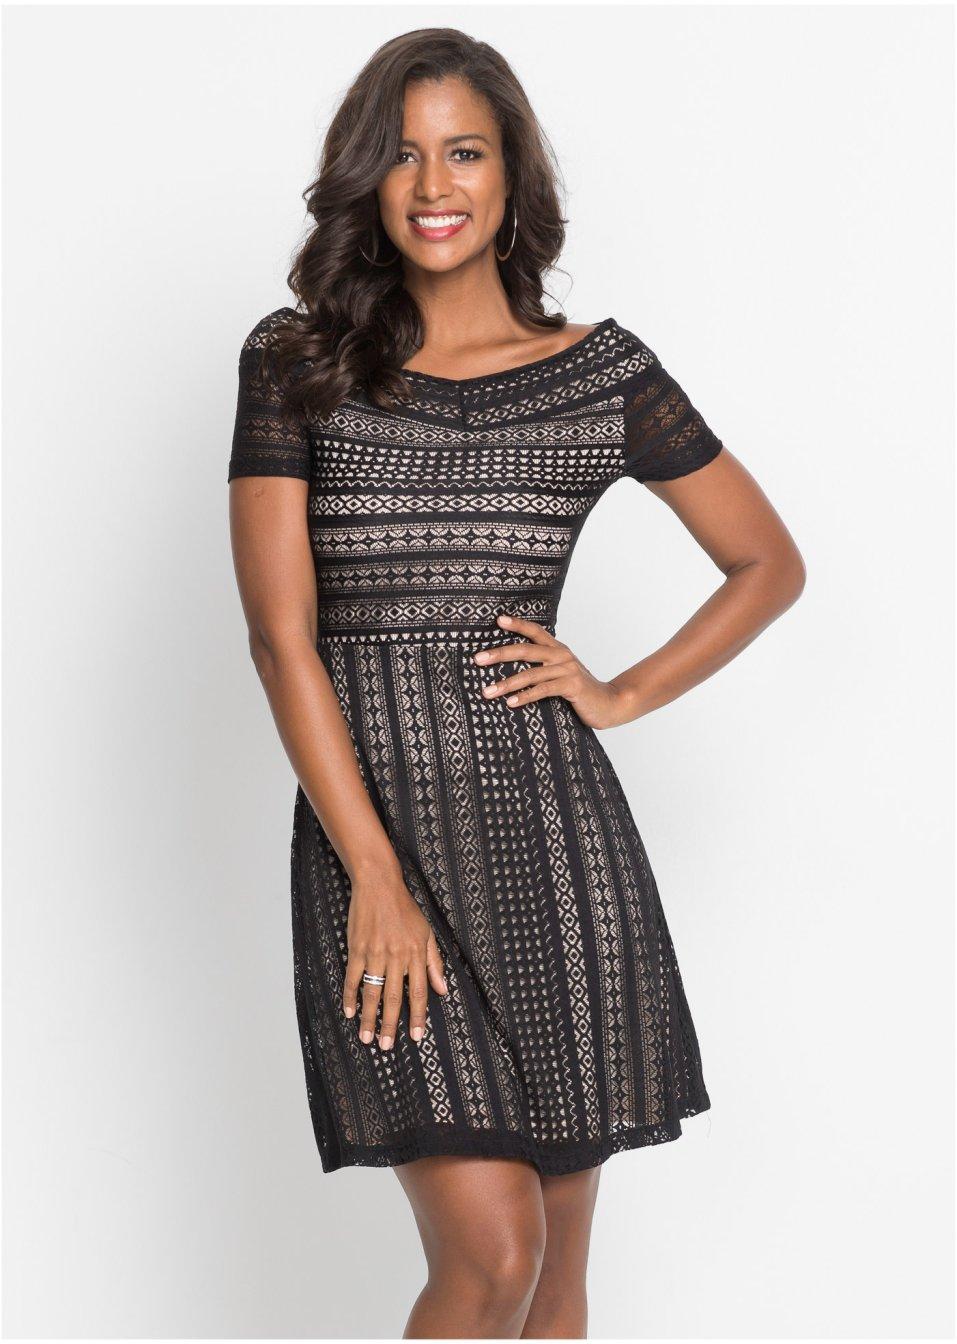 Kleid mit Spitze schwarz - Damen - bonprix.at